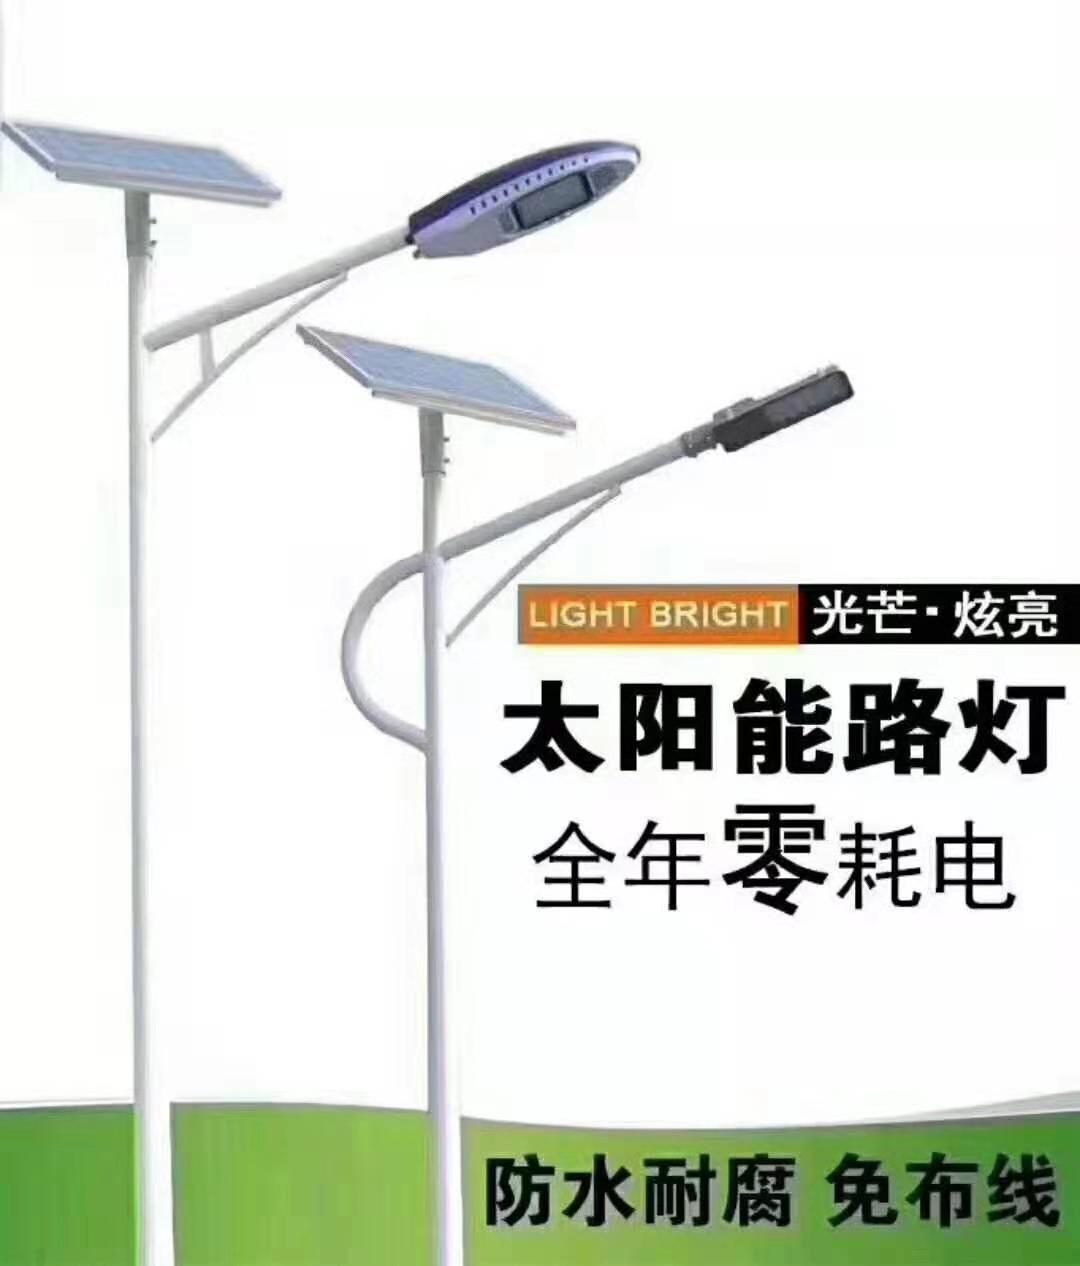 智慧路灯批发|热荐优良路灯品质保证